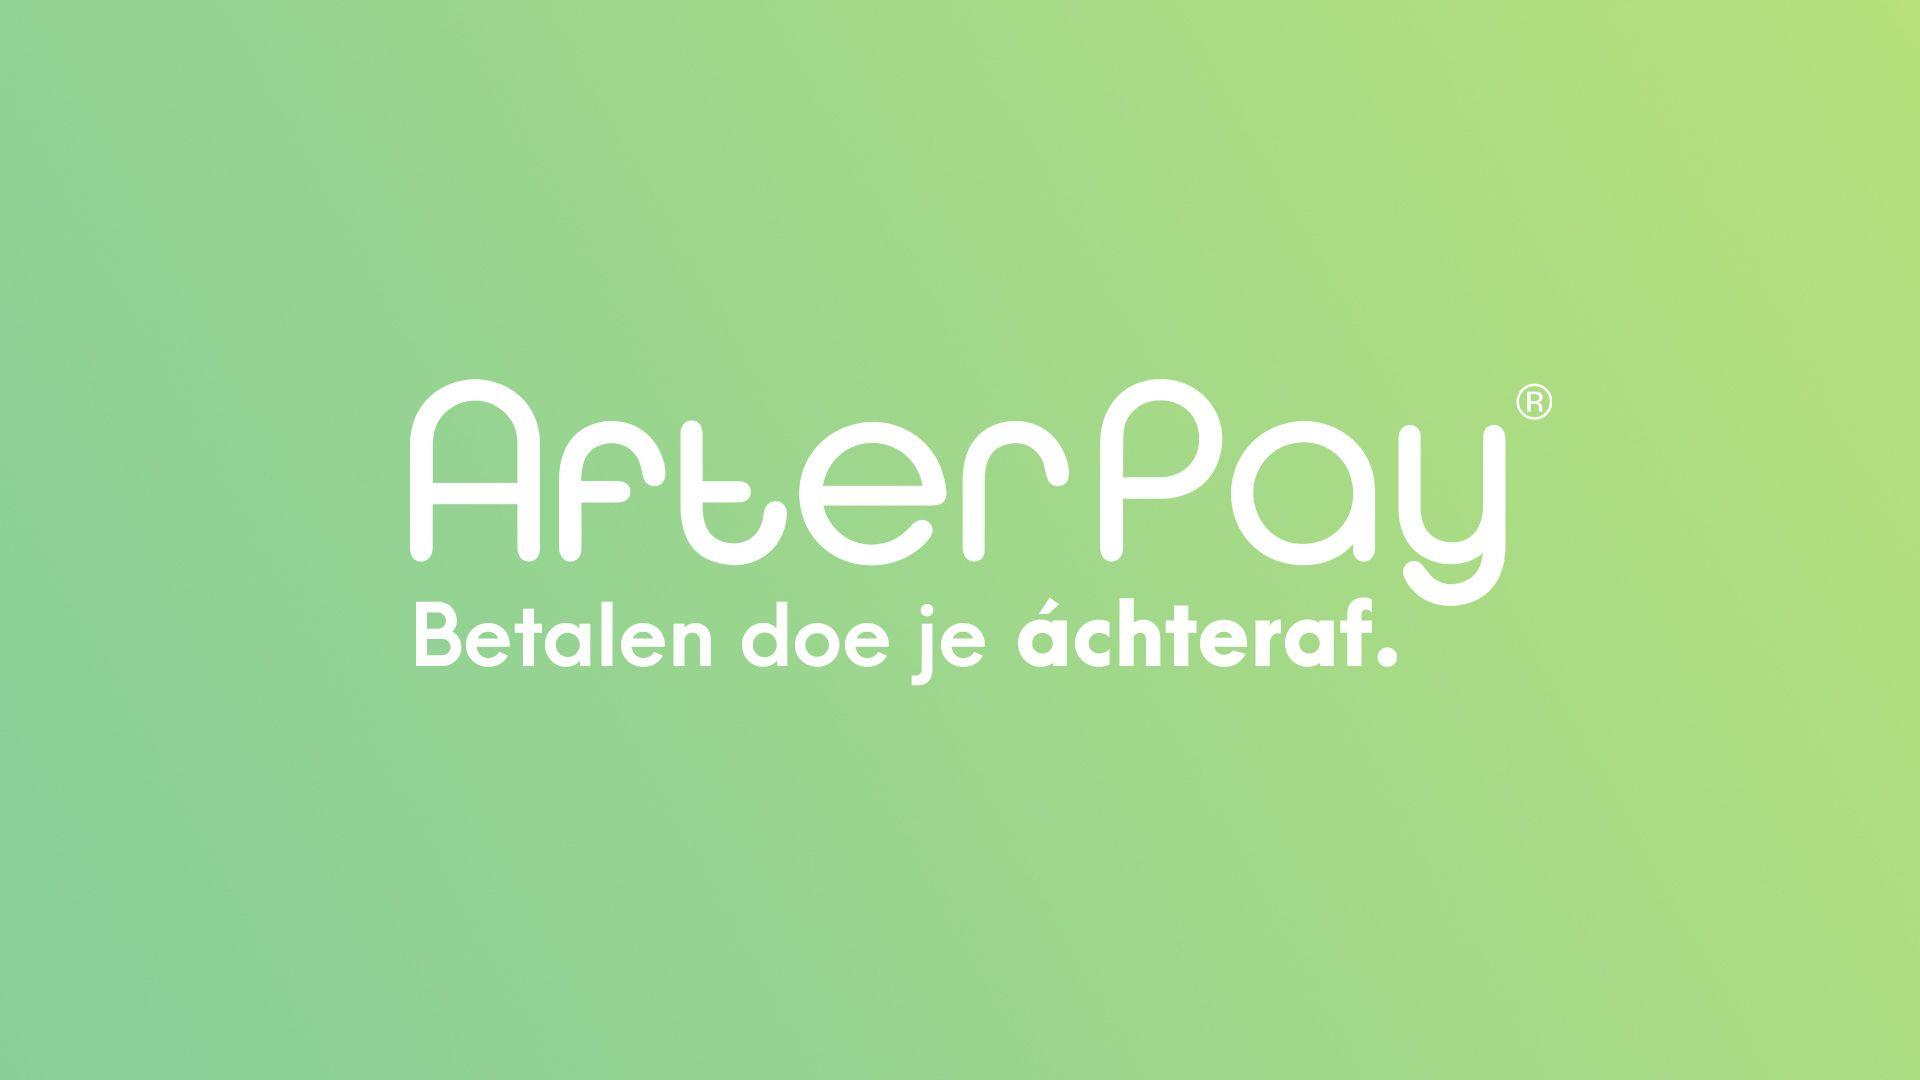 Afterpay-achteraf-betalen